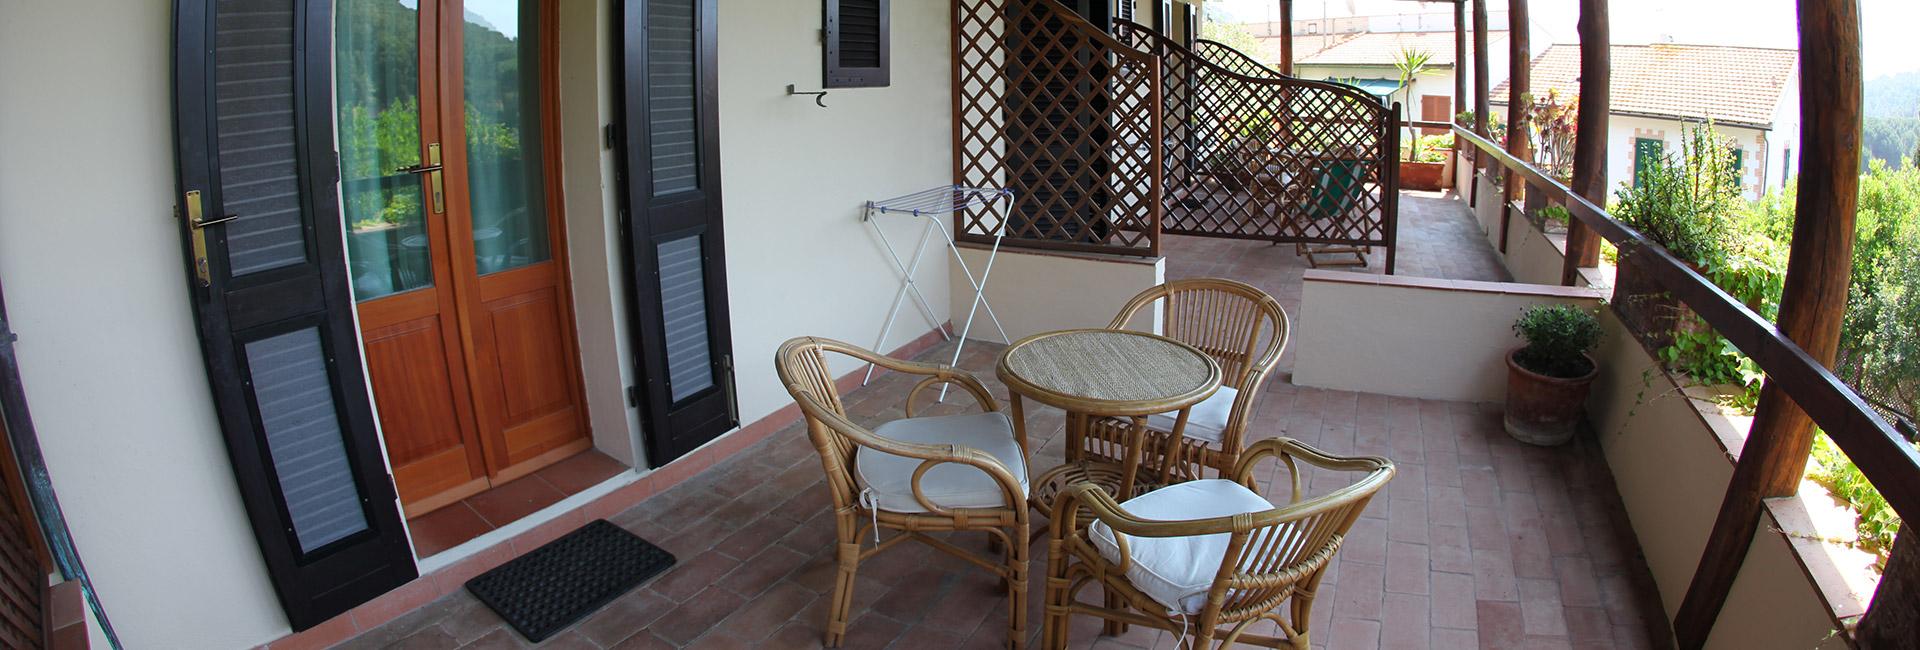 Zimmer Portico Hotel Galli